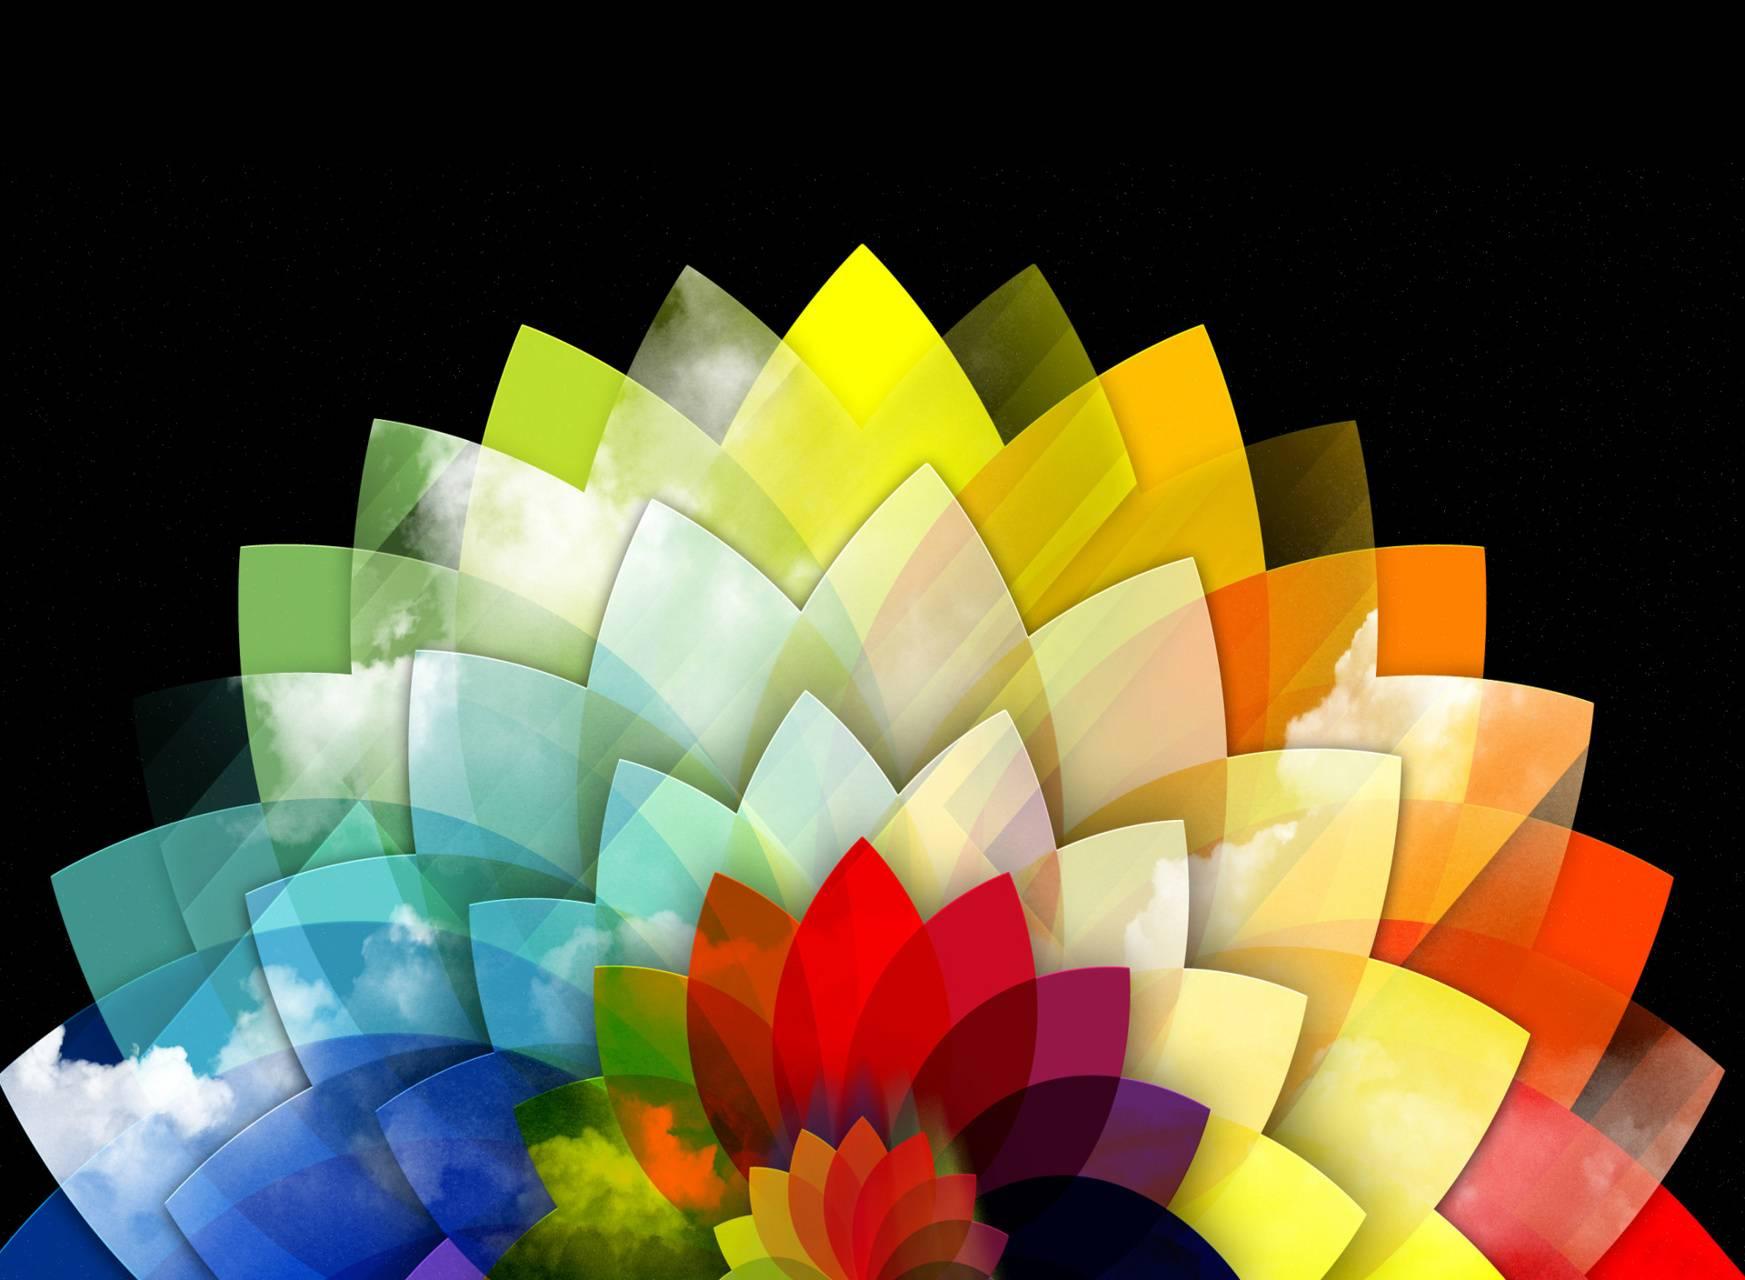 hd colorful design